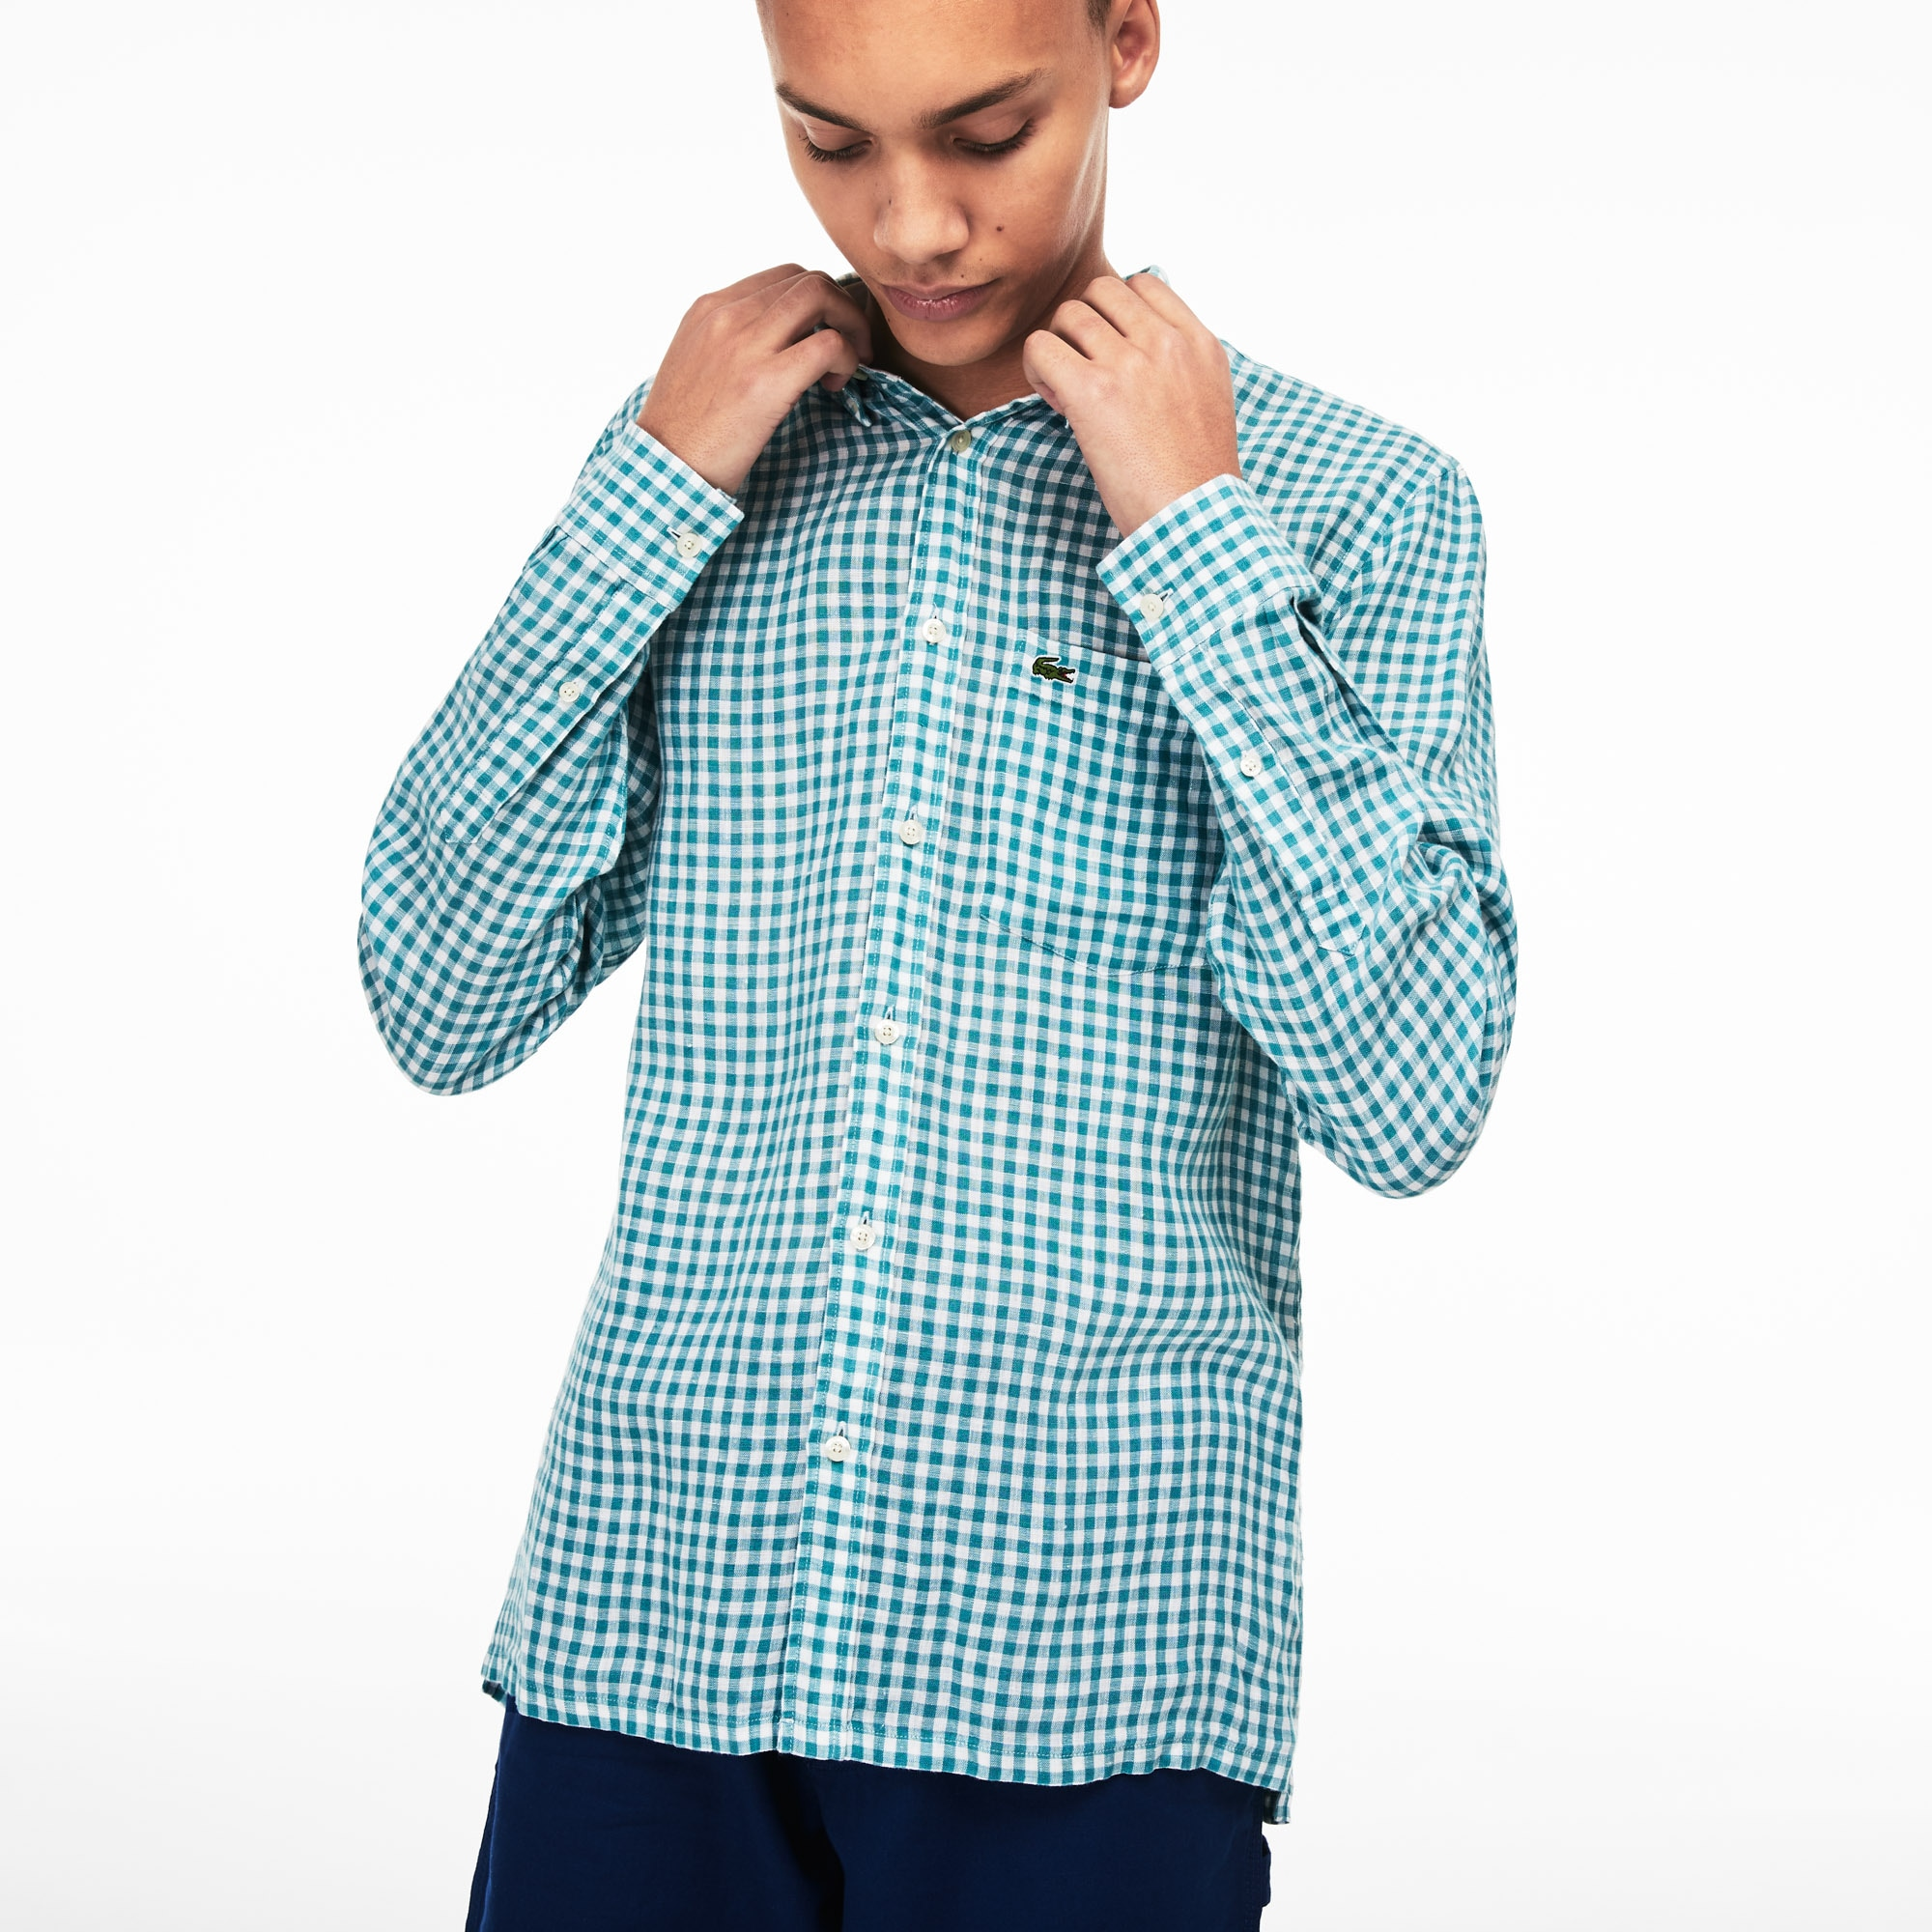 dc1eda8c5158c5 Men's Regular Fit Check Linen Canvas Shirt | LACOSTE